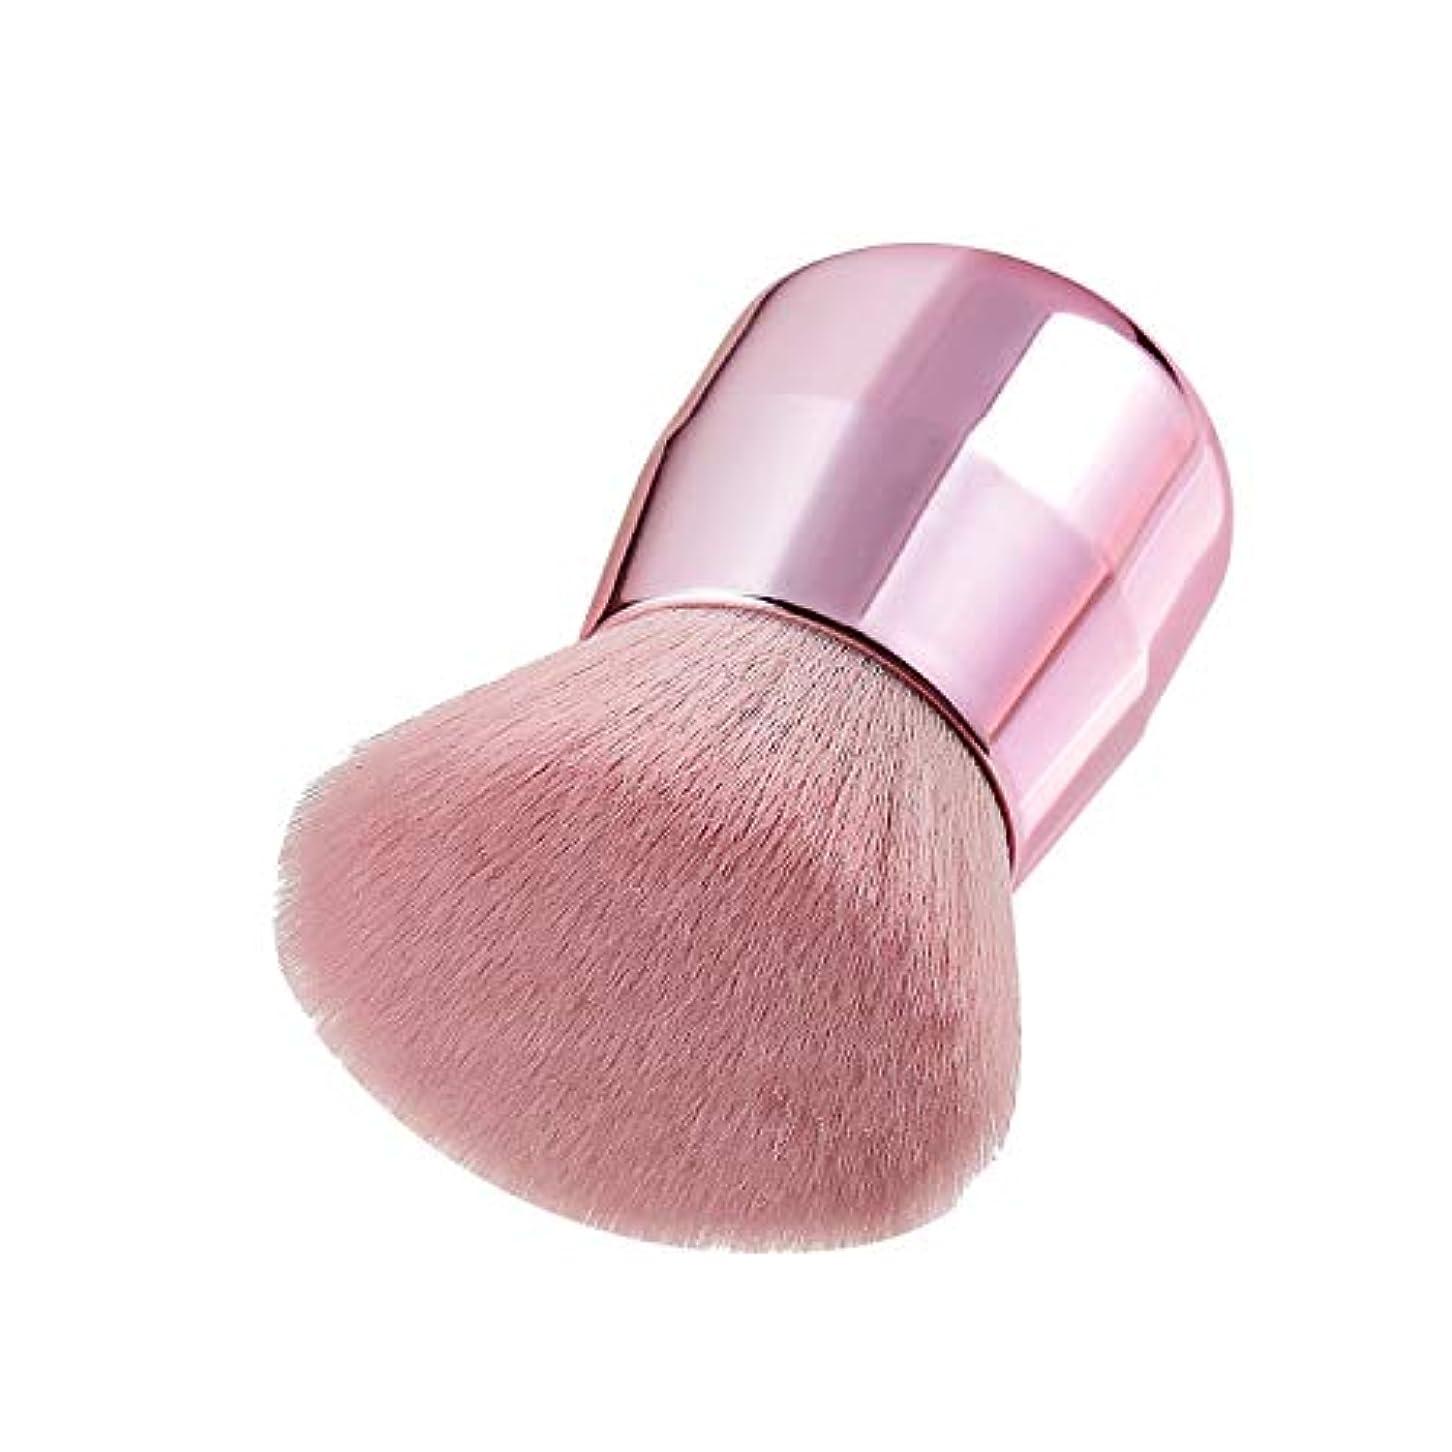 良い器具酸度Makeup brushes ピンクのティルティングパウダーブラシポータブル著名な化粧ブラシハニーパウダーブラシブラッシュブラシ suits (Color : Rose Gold)